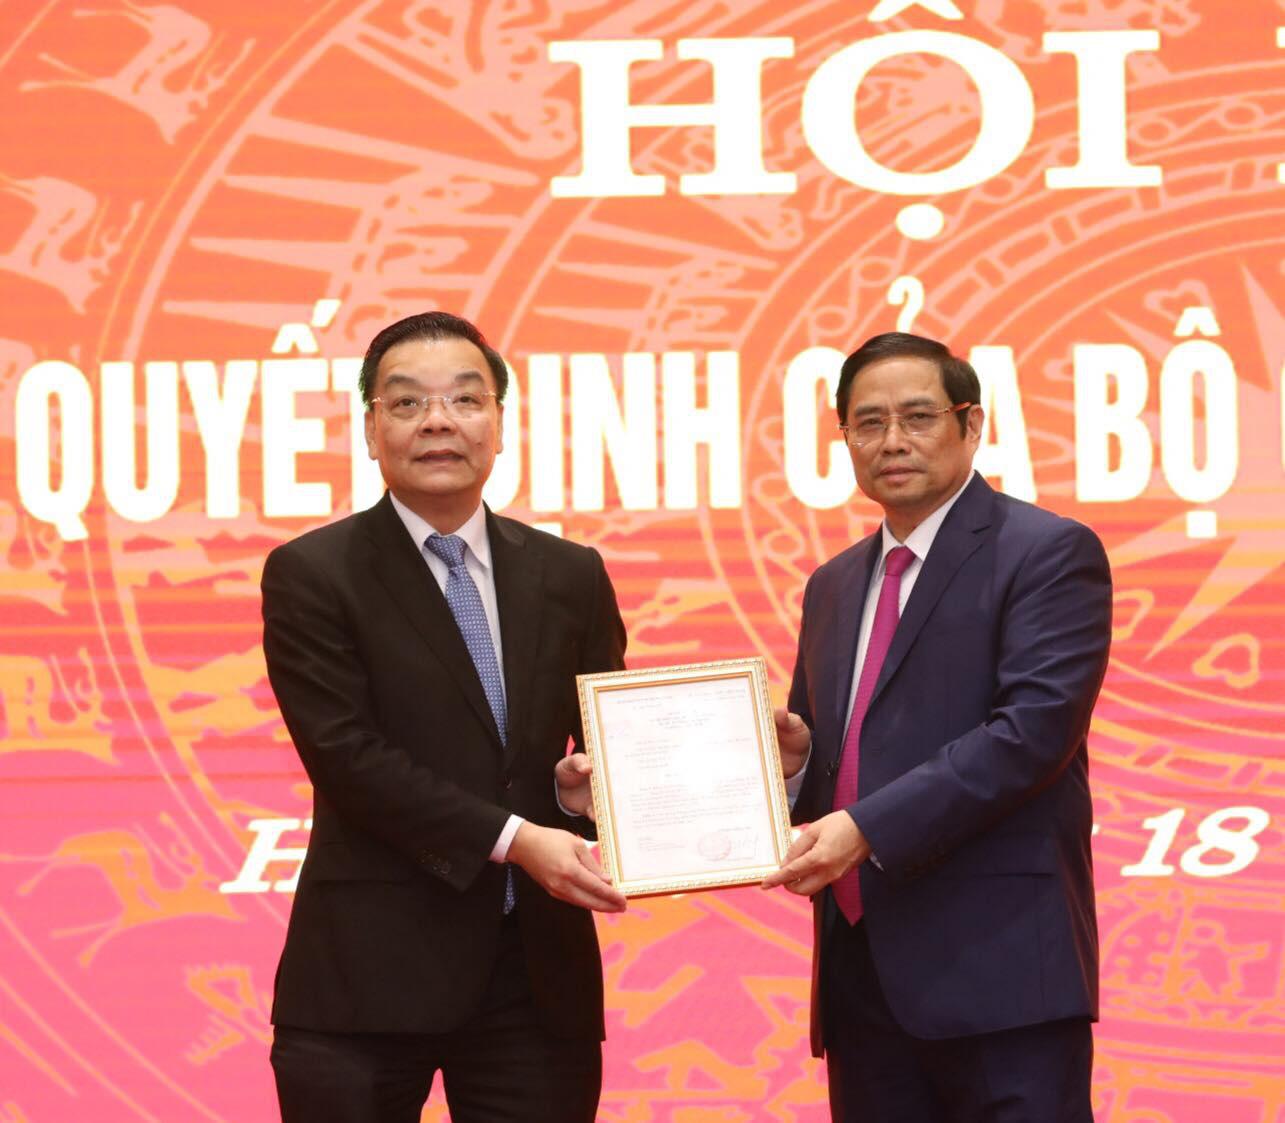 Bộ Chính trị điều động Bộ trưởng Bộ Khoa học và Công nghệ Chu Ngọc Anh làm Phó Bí thư Thành ủy Hà Nội - Ảnh 1.